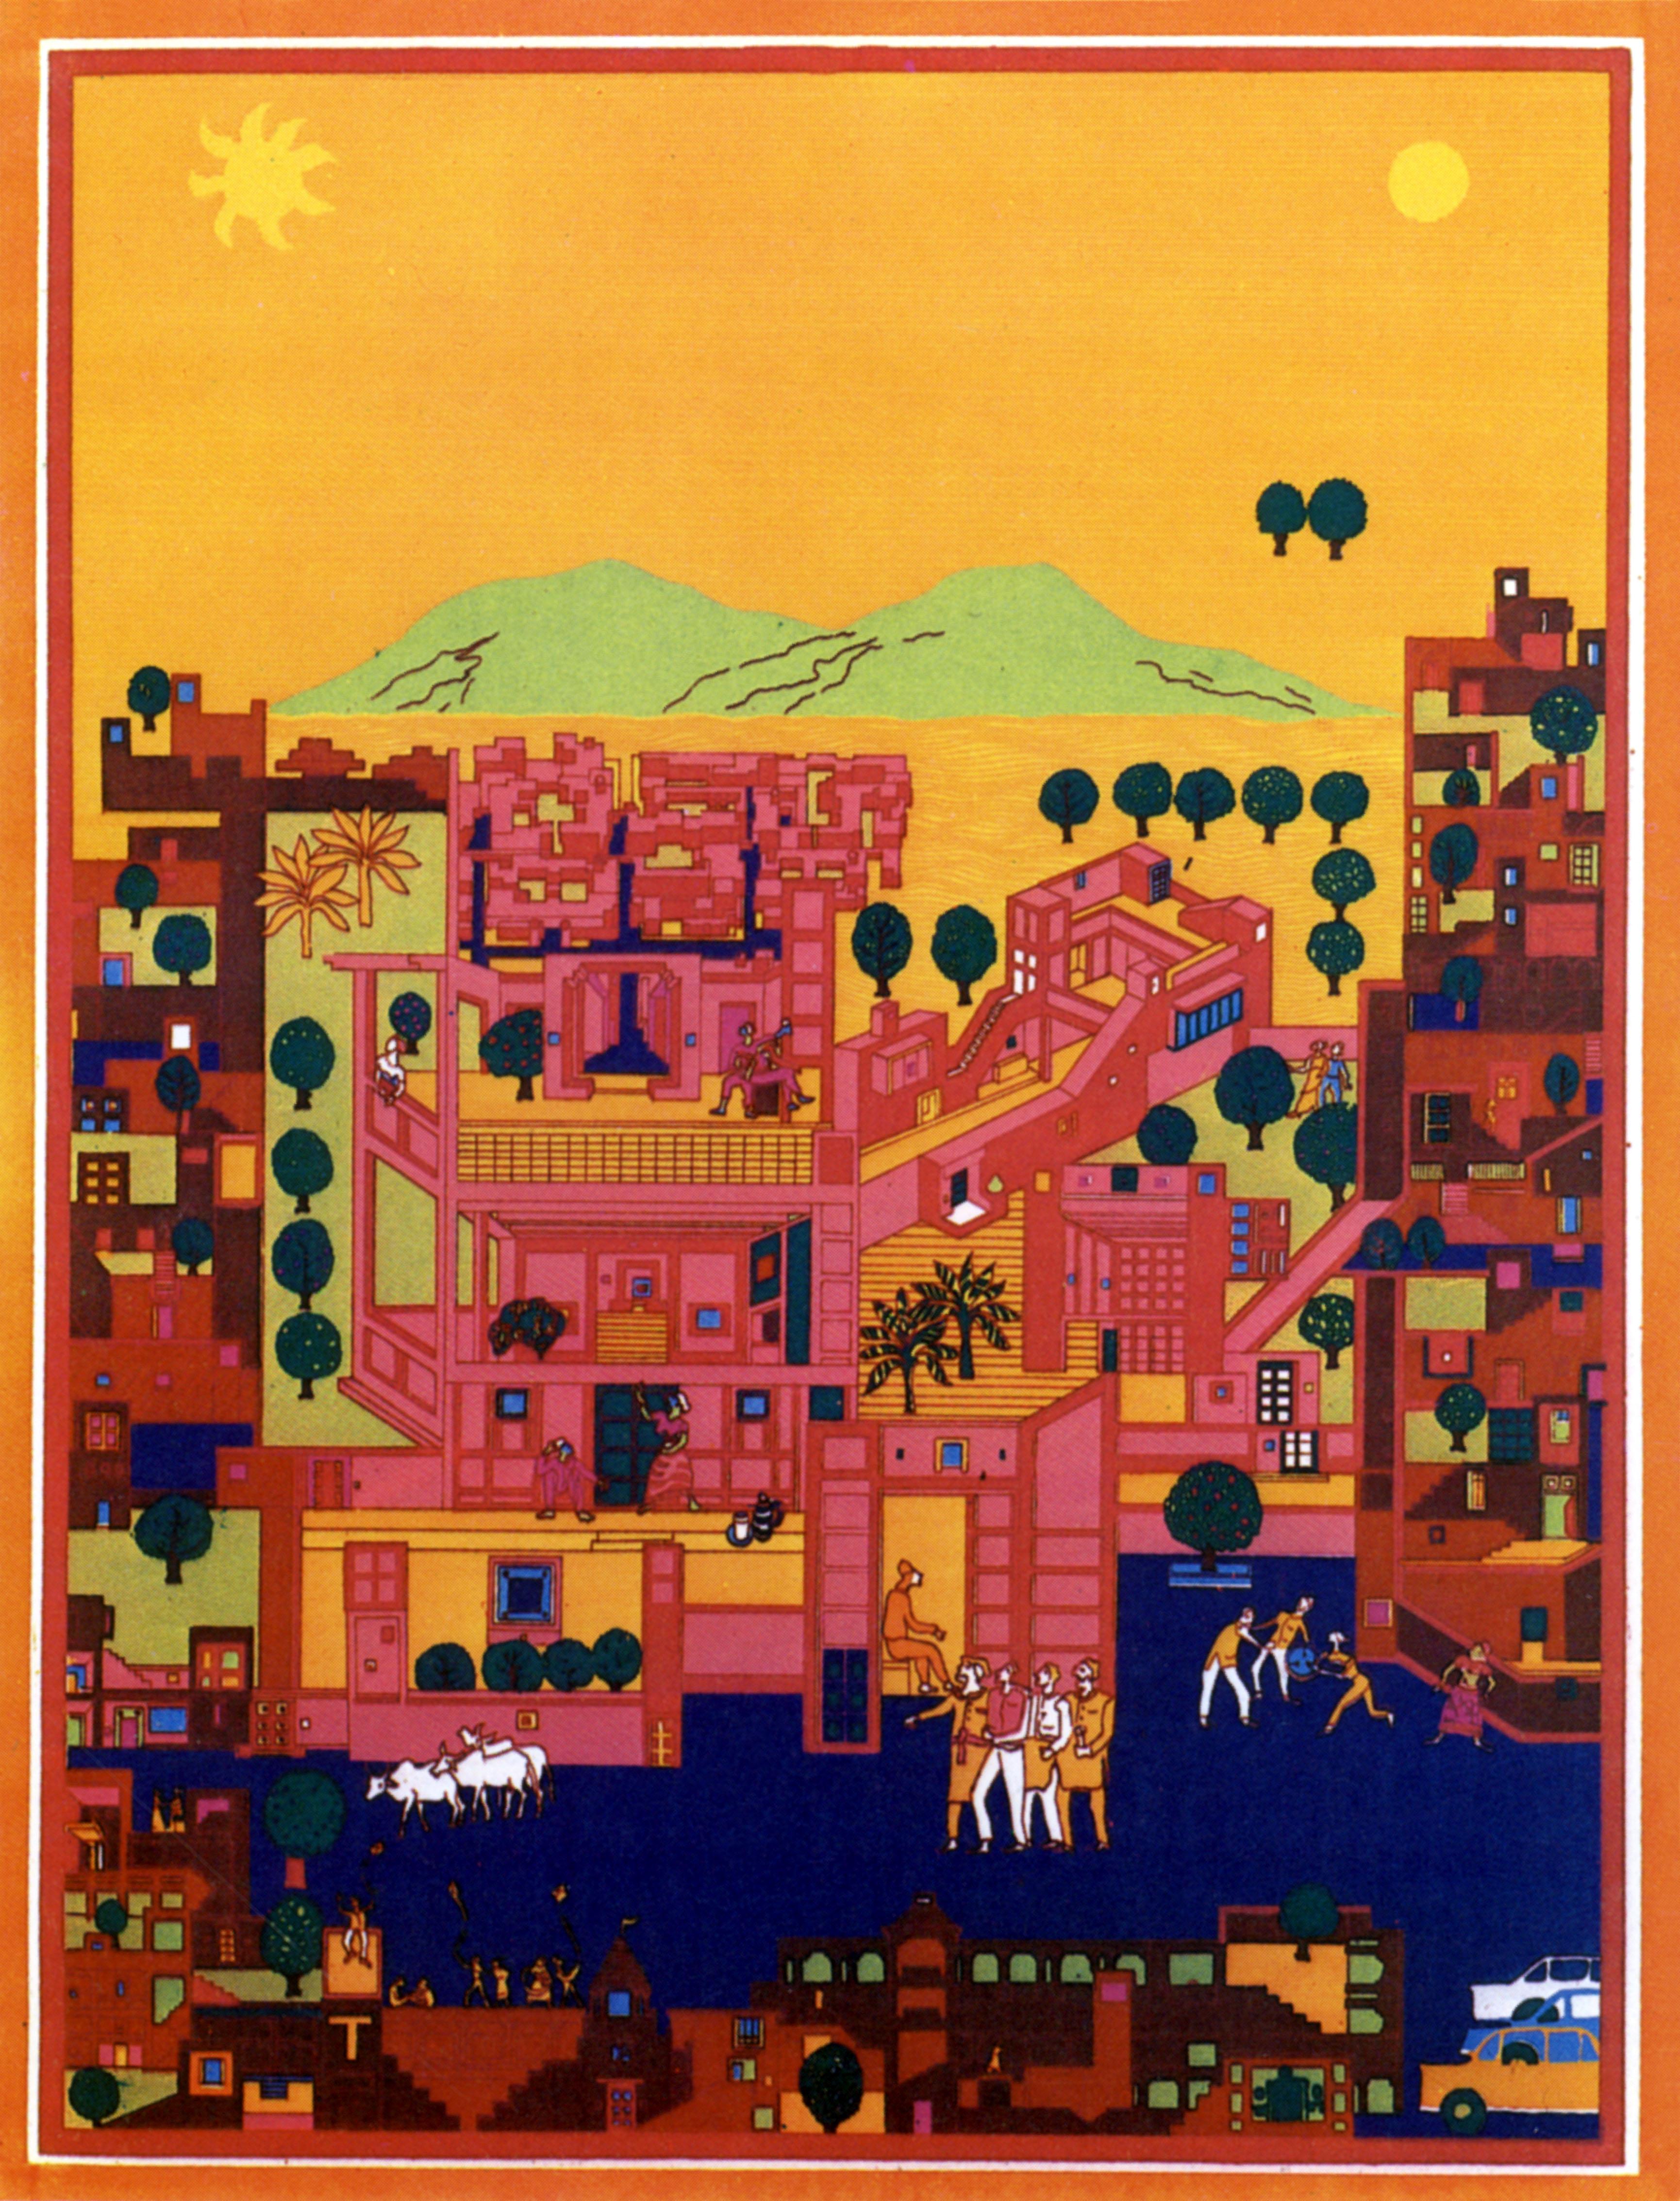 <p>Vidhyadhar Nagar Masterplan en Stedebouwkundig ontwerp (1984) in Jaipur door Balkrishna Doshi, winnaar Pritzker Prize 2018, beeld VSF</p>